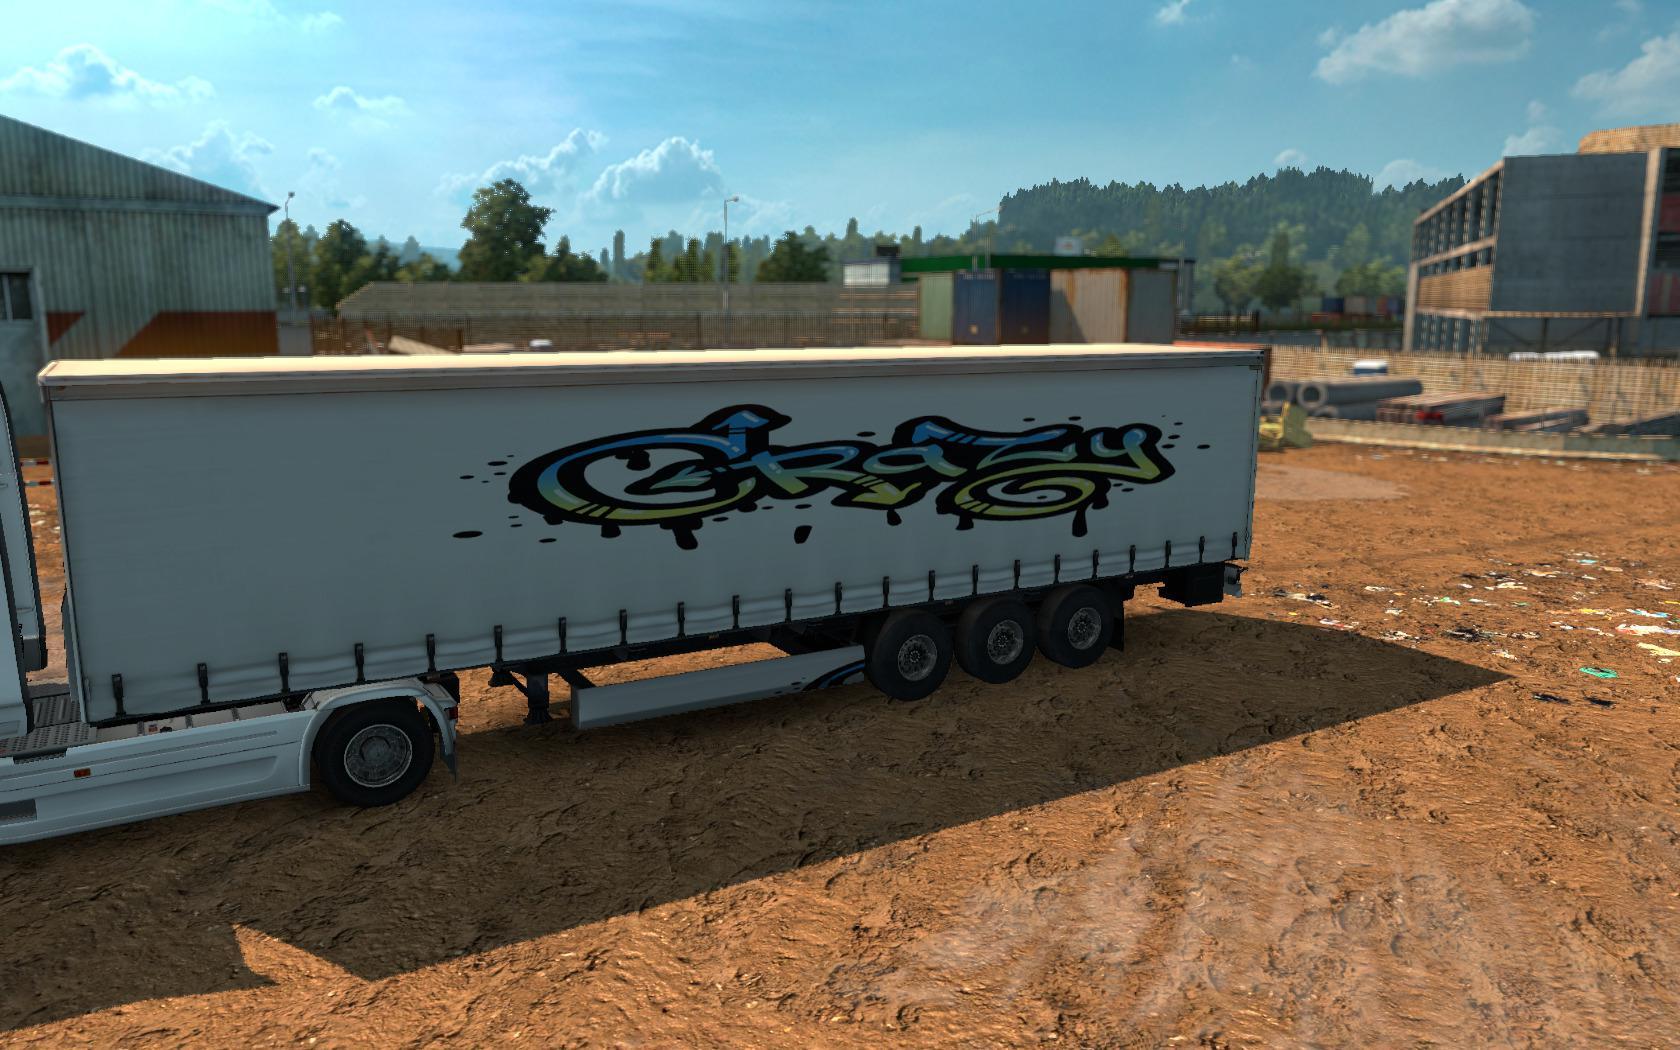 ETS2 - Graffiti 2 Skin V1.1 (1.36.x)